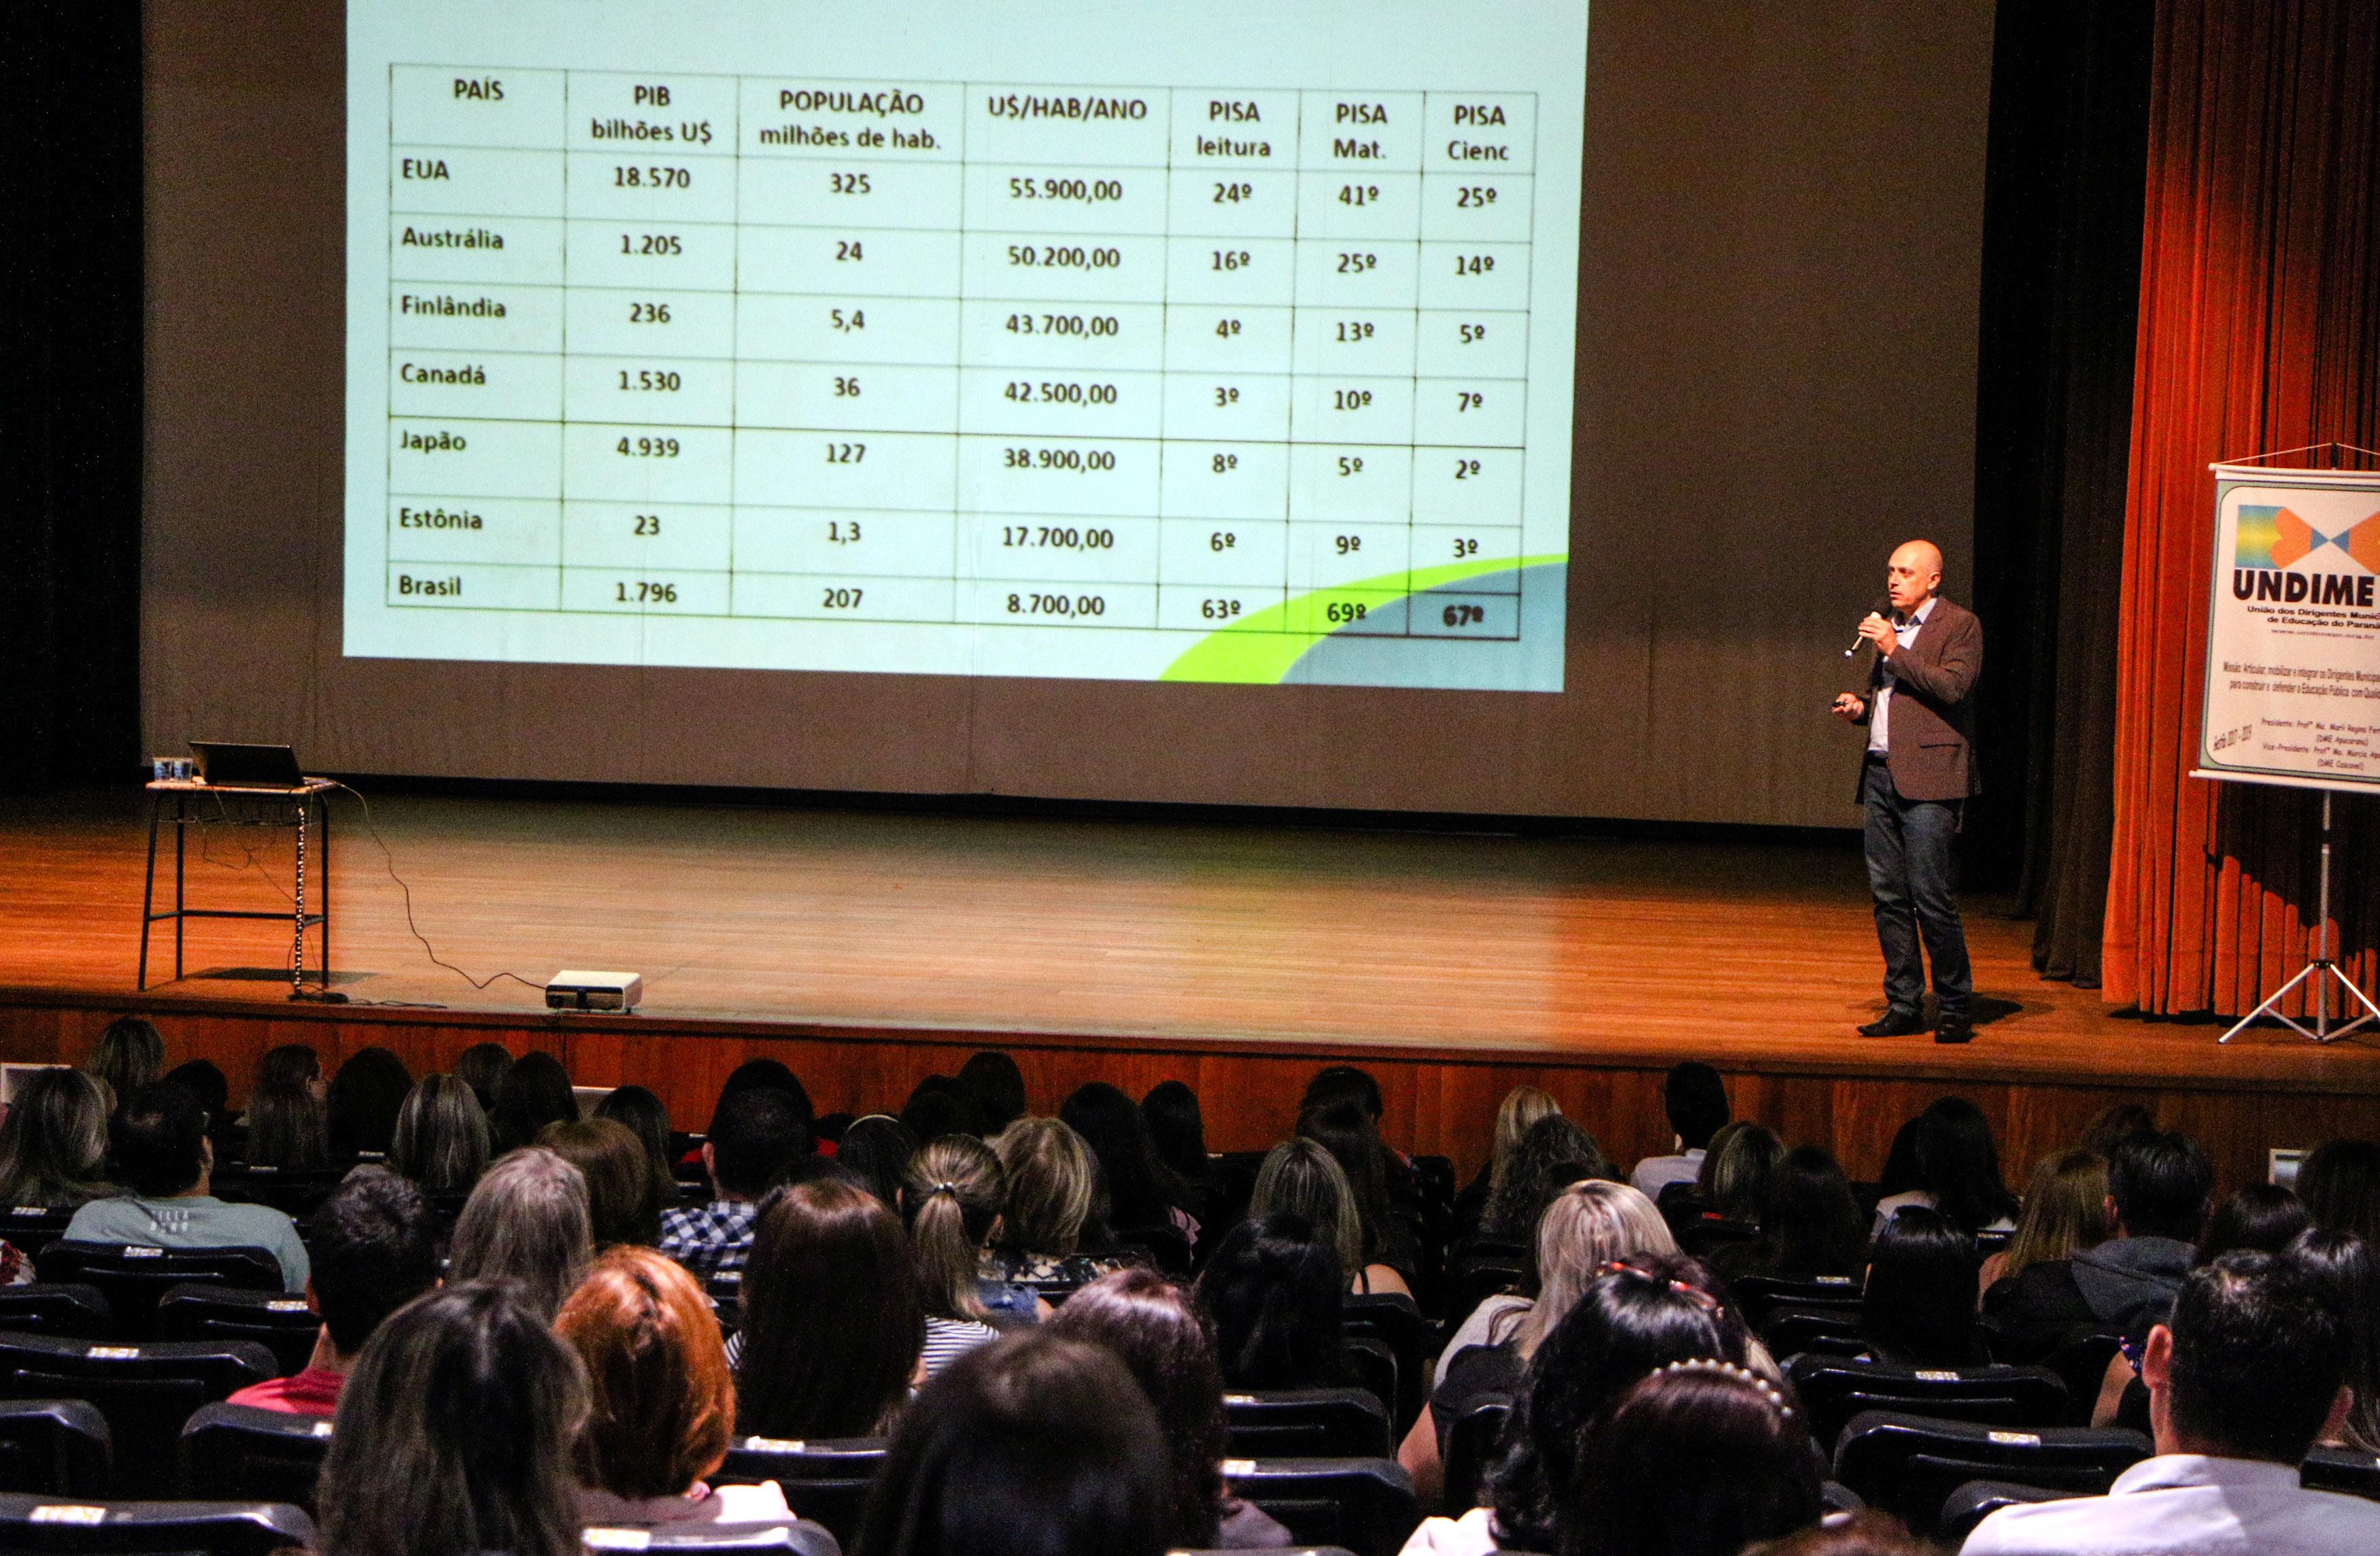 Undime-PR promove discussão sobre uso de tecnologias digitais em sala de aula